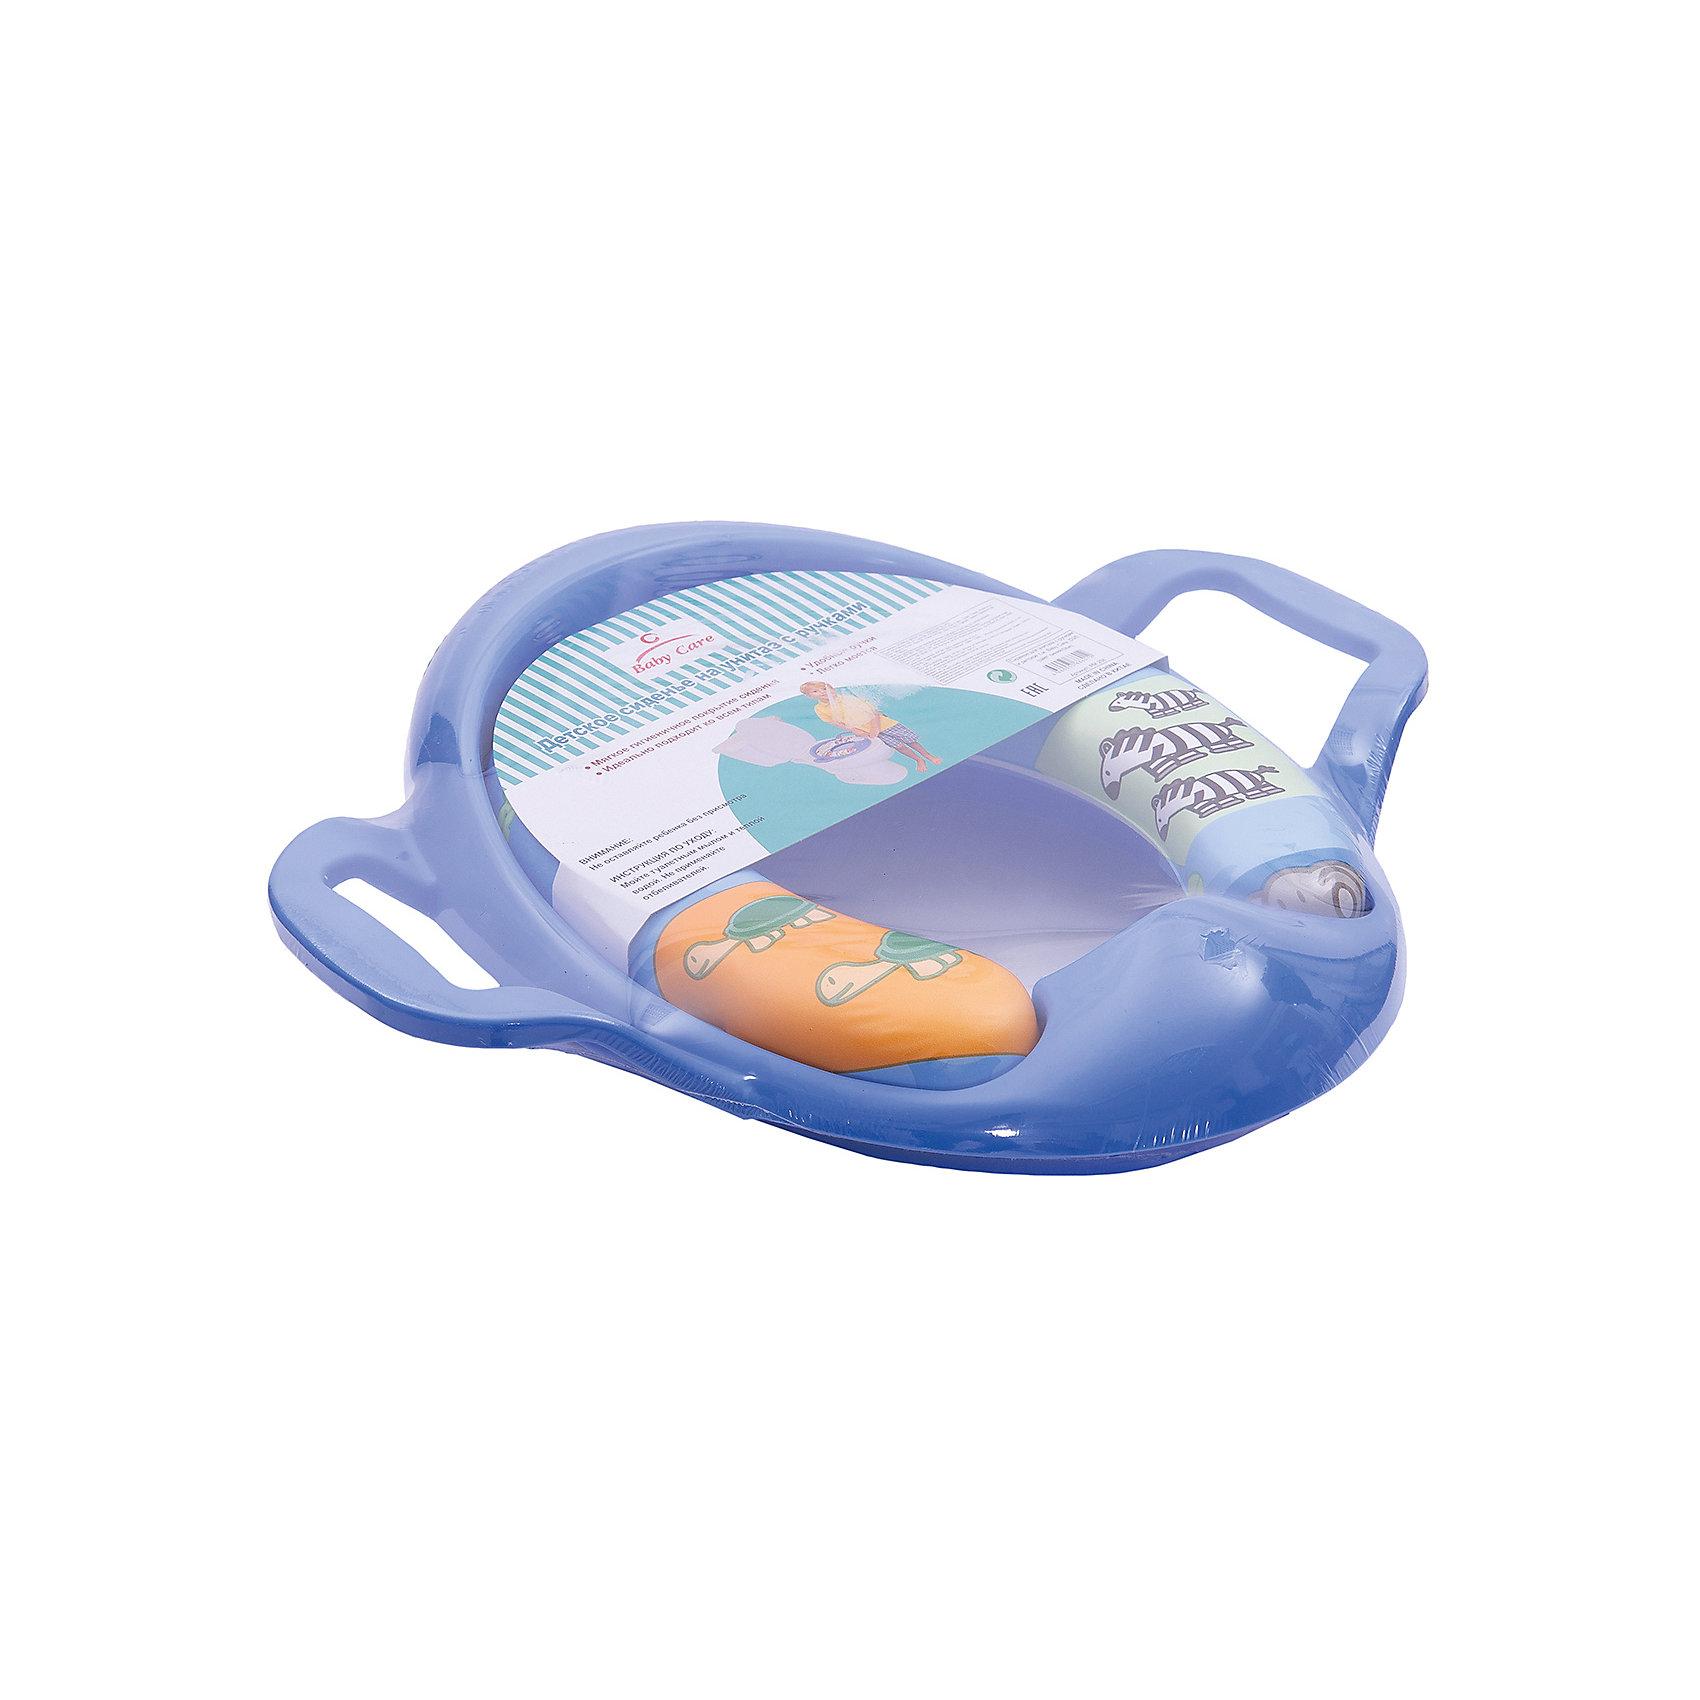 Сиденье для унитаза c ручками, Baby Care, синийГоршки, сиденья для унитаза, стульчики-подставки<br>Сидение Baby Care - очень удобная накладка на унитаз, которая поможет ребенку привыкнуть ко взрослому унитазу. Оно разработано, учитывая потребности малыша. Для дополнительного удобства оно оснащена двумя большими пластиковыми ручками, чтобы малыш чувствовал себя уверенно. Оригинальный дизайн с забавными рисунками точно понравится малышу. Мягкая обивка приятна на ощупь и обеспечивает дополнительный комфорт. Сидение можно устанавливать на любой взрослый унитаз. Оно легко моется, а брызговик защитит его от лишних загрязнений. После использования сидение можно легко повесить рядом с унитазом, чтобы оно было легко доступно в следующий раз.<br><br>Дополнительная информация:<br><br>- Удобные ручки;<br>- Защита от брызг;<br>- Уникально мягкое покрытие, которое легко мыть;<br>- Обеспечивает комфортное и удобное положение ребёнка;<br>- Забавные рисунки;<br>- Материал не вызывает аллергии; <br>- Может использоваться для детей любого пола;<br>- Подходит для любых унитазов;<br>- Можно подвесить до следующего использования;<br>- Материал: нетоксичный пластик, резина;<br>- Цвет: синий;<br>- Размер отверстия: 11 х 13 см;<br>- Размеры (нижней части, которая вставляется во взрослый стульчак): длина - 24,5 см, ширина - 20,5 см;<br>- Размеры внешние: 38,5, х 29,5 см;<br>- Вес: 600 г.<br><br>Сиденье для унитаза c ручками, Baby Care, синее можно купить в нашем интернет-магазине.<br><br>Ширина мм: 380<br>Глубина мм: 290<br>Высота мм: 80<br>Вес г: 600<br>Возраст от месяцев: 12<br>Возраст до месяцев: 36<br>Пол: Унисекс<br>Возраст: Детский<br>SKU: 3949961